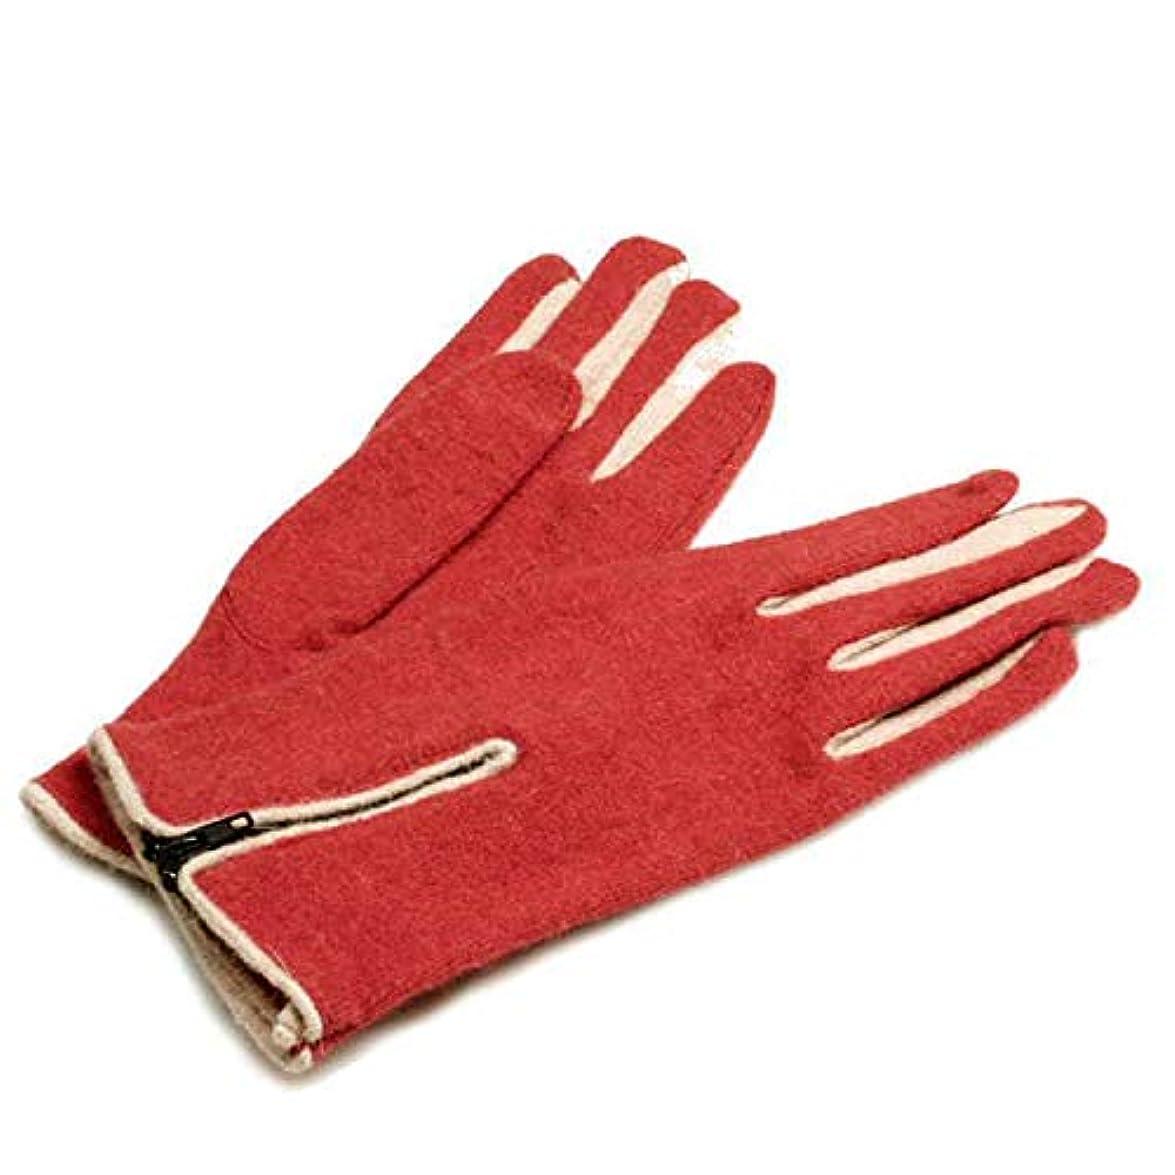 ウェブ拒絶する倒産秋と冬レディースフィンガー手袋ショートセクション厚手のウール手袋乗馬ウォーム手袋を運転する